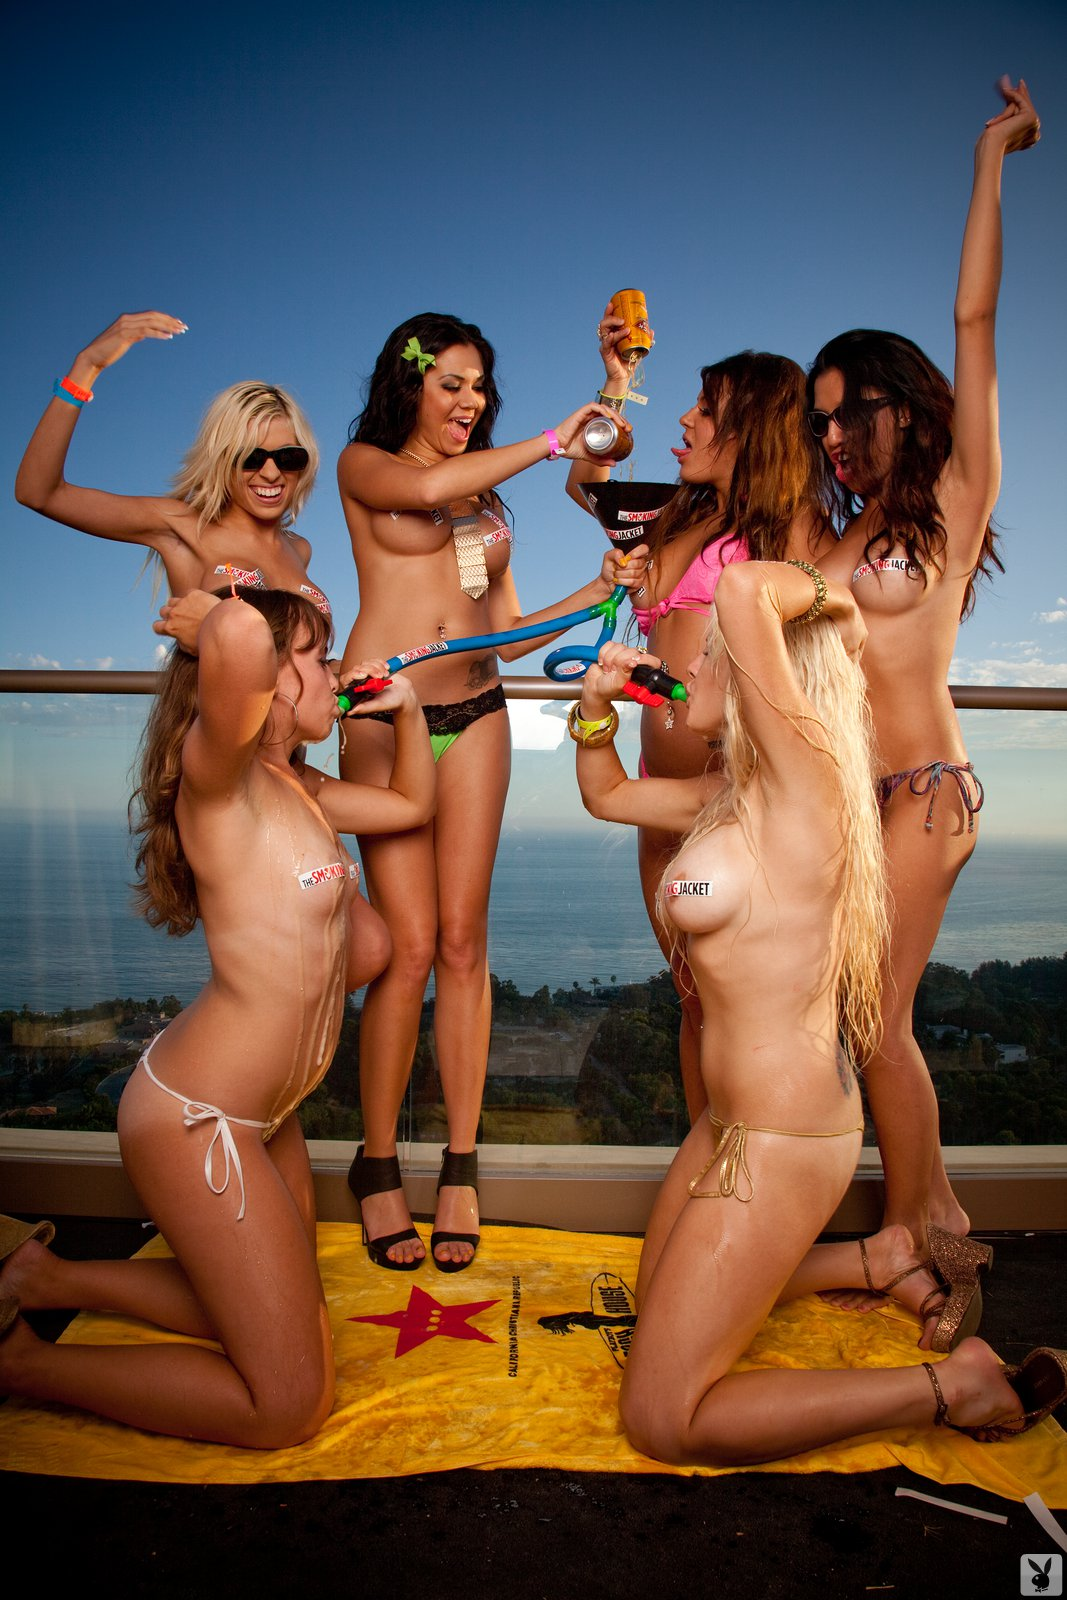 Фото с вечеринки playboy 8 фотография